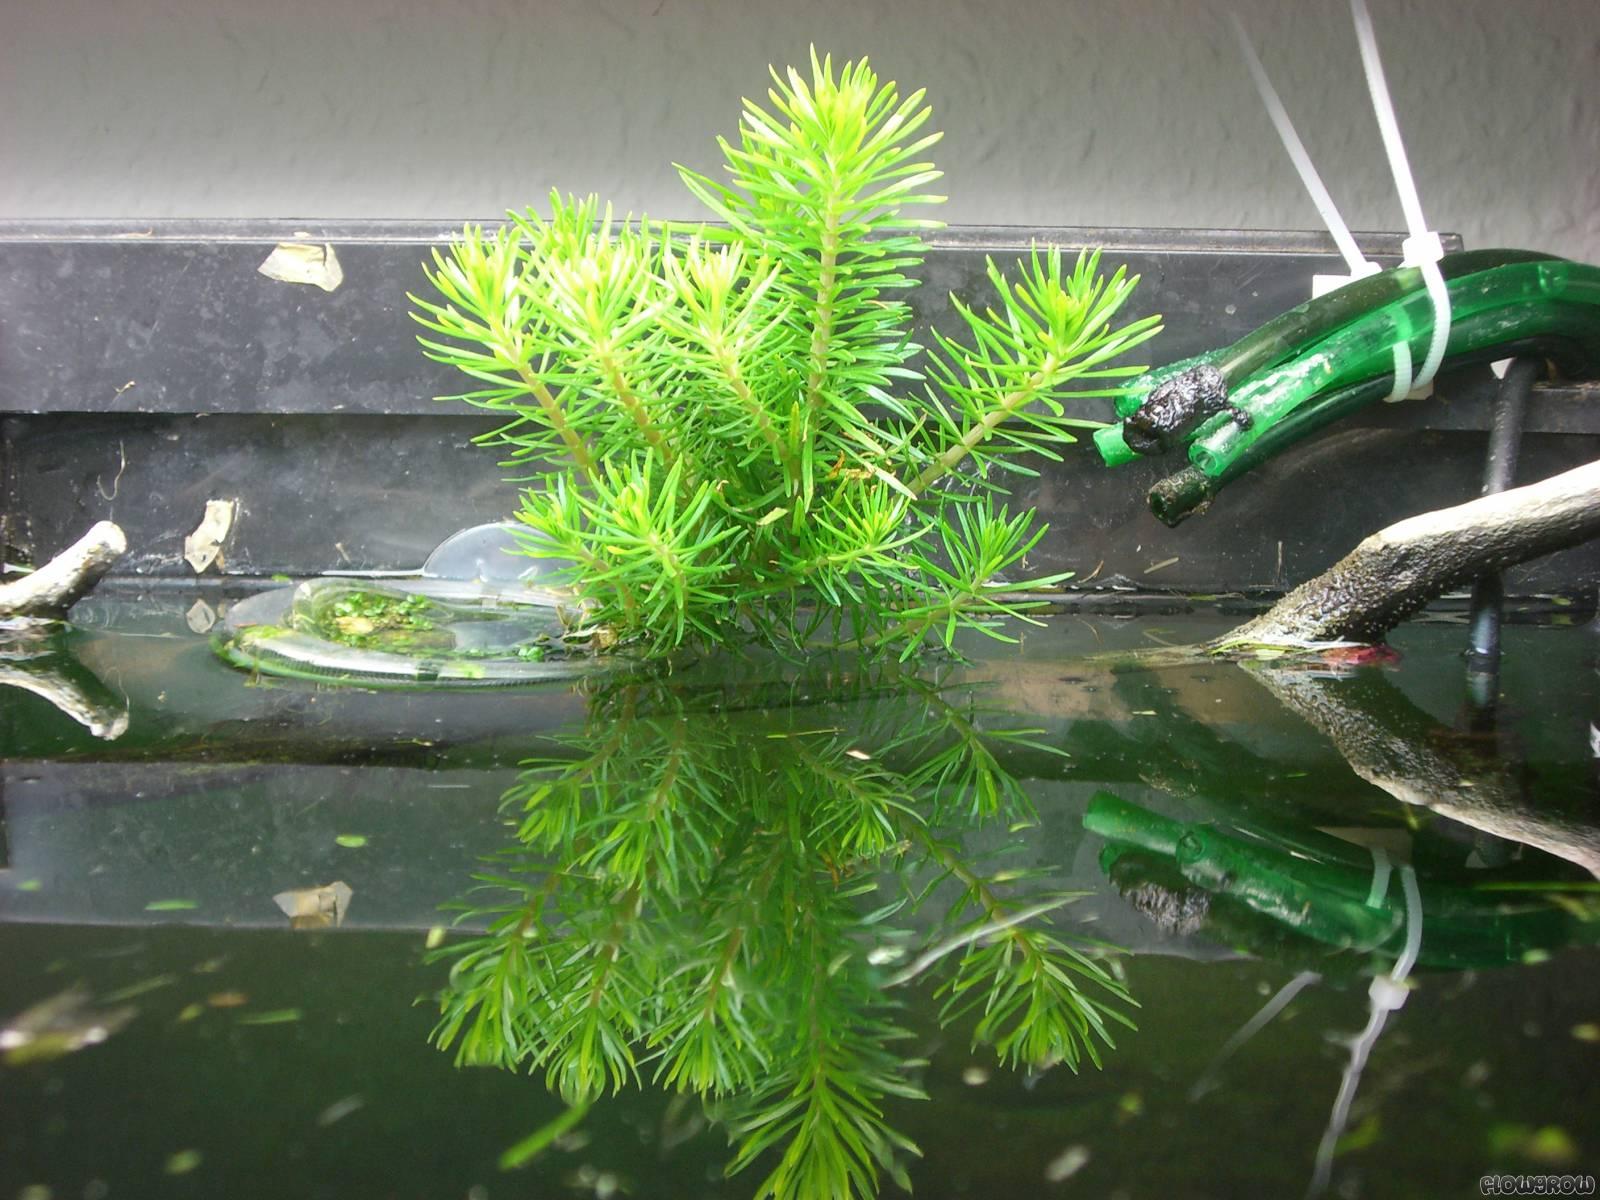 juwel rio 300 flowgrow aquascape aquarien datenbank. Black Bedroom Furniture Sets. Home Design Ideas